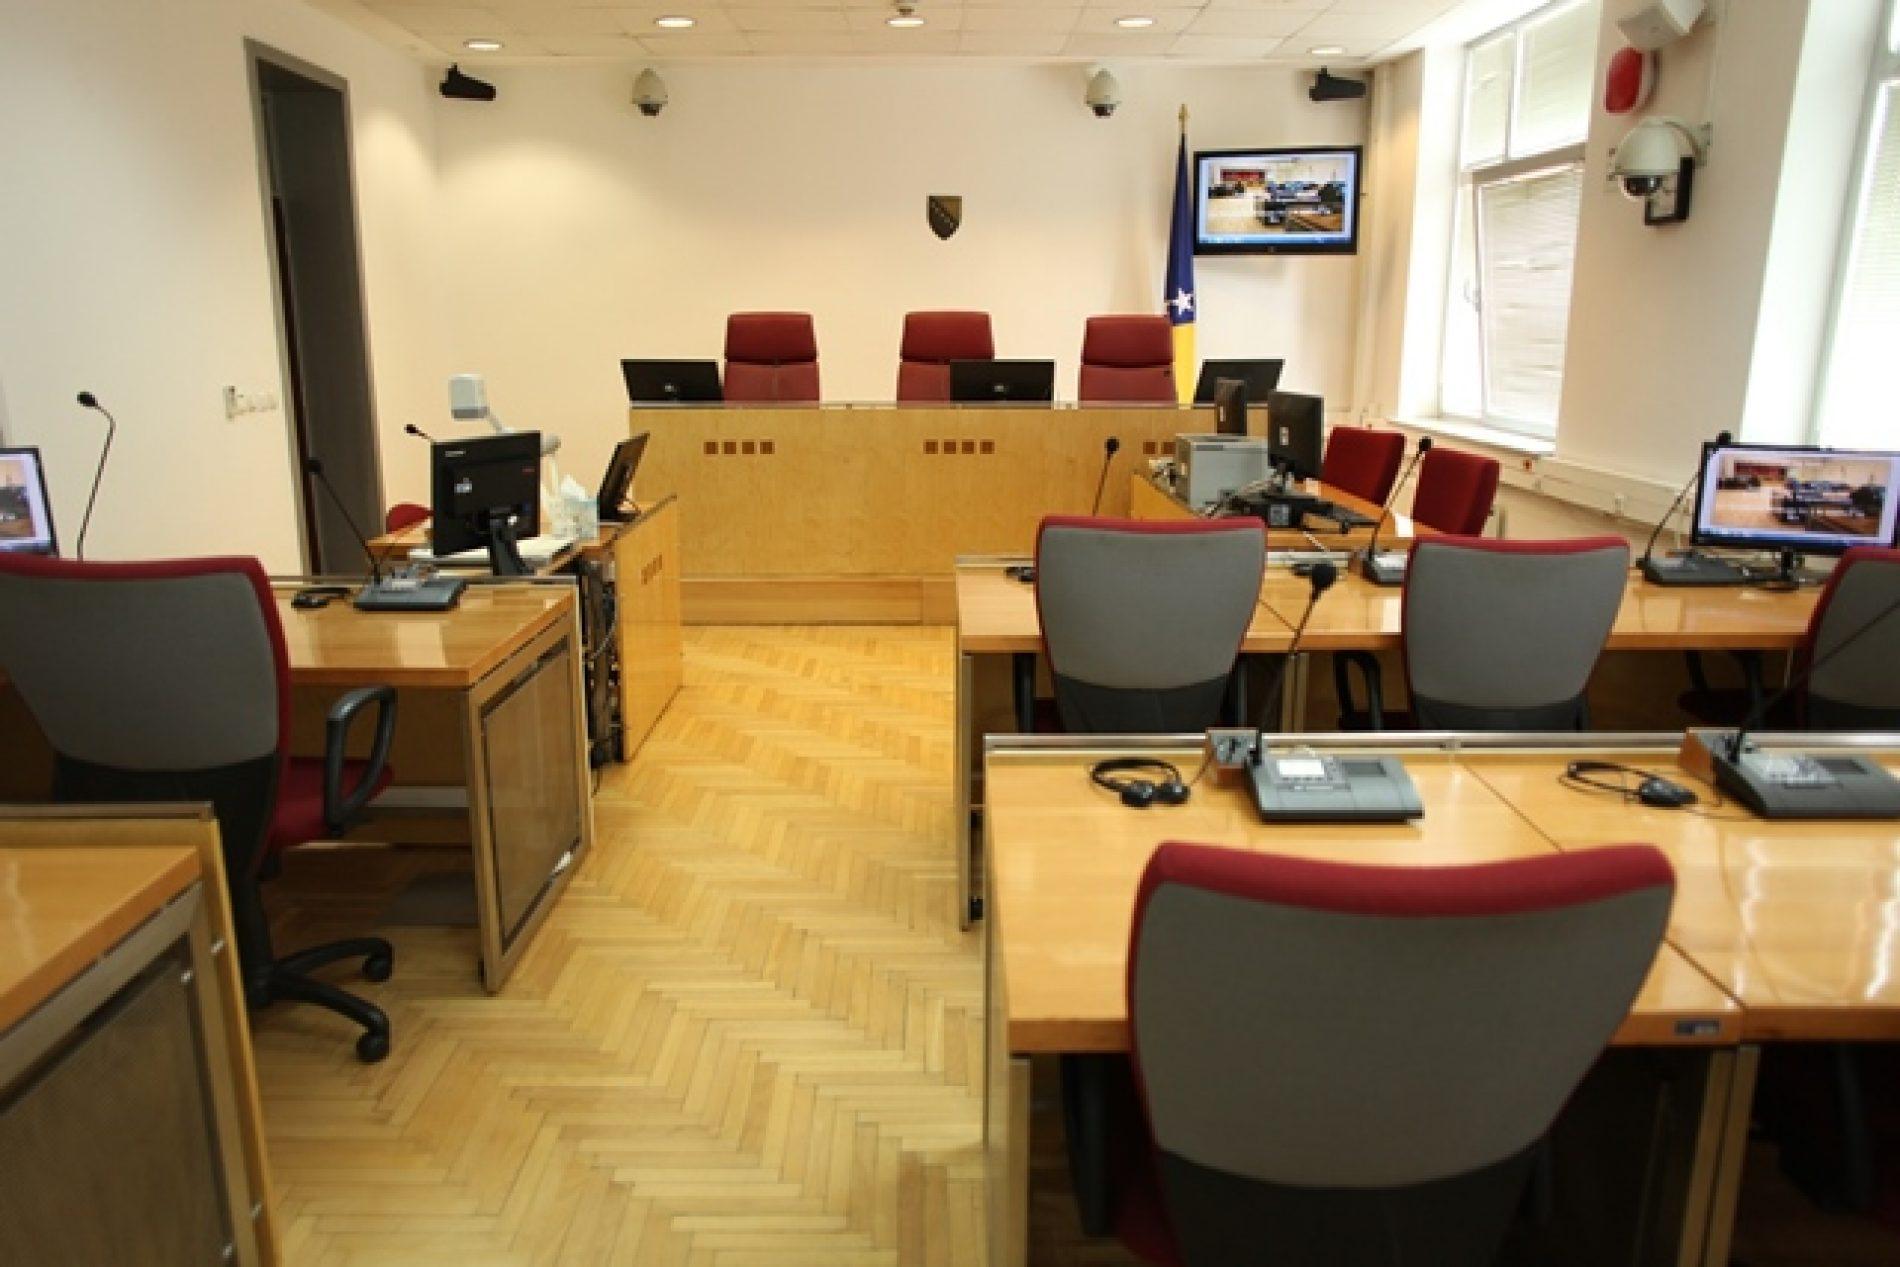 Potvrđena optužnica za genocid u predmetu Milomir Savčić